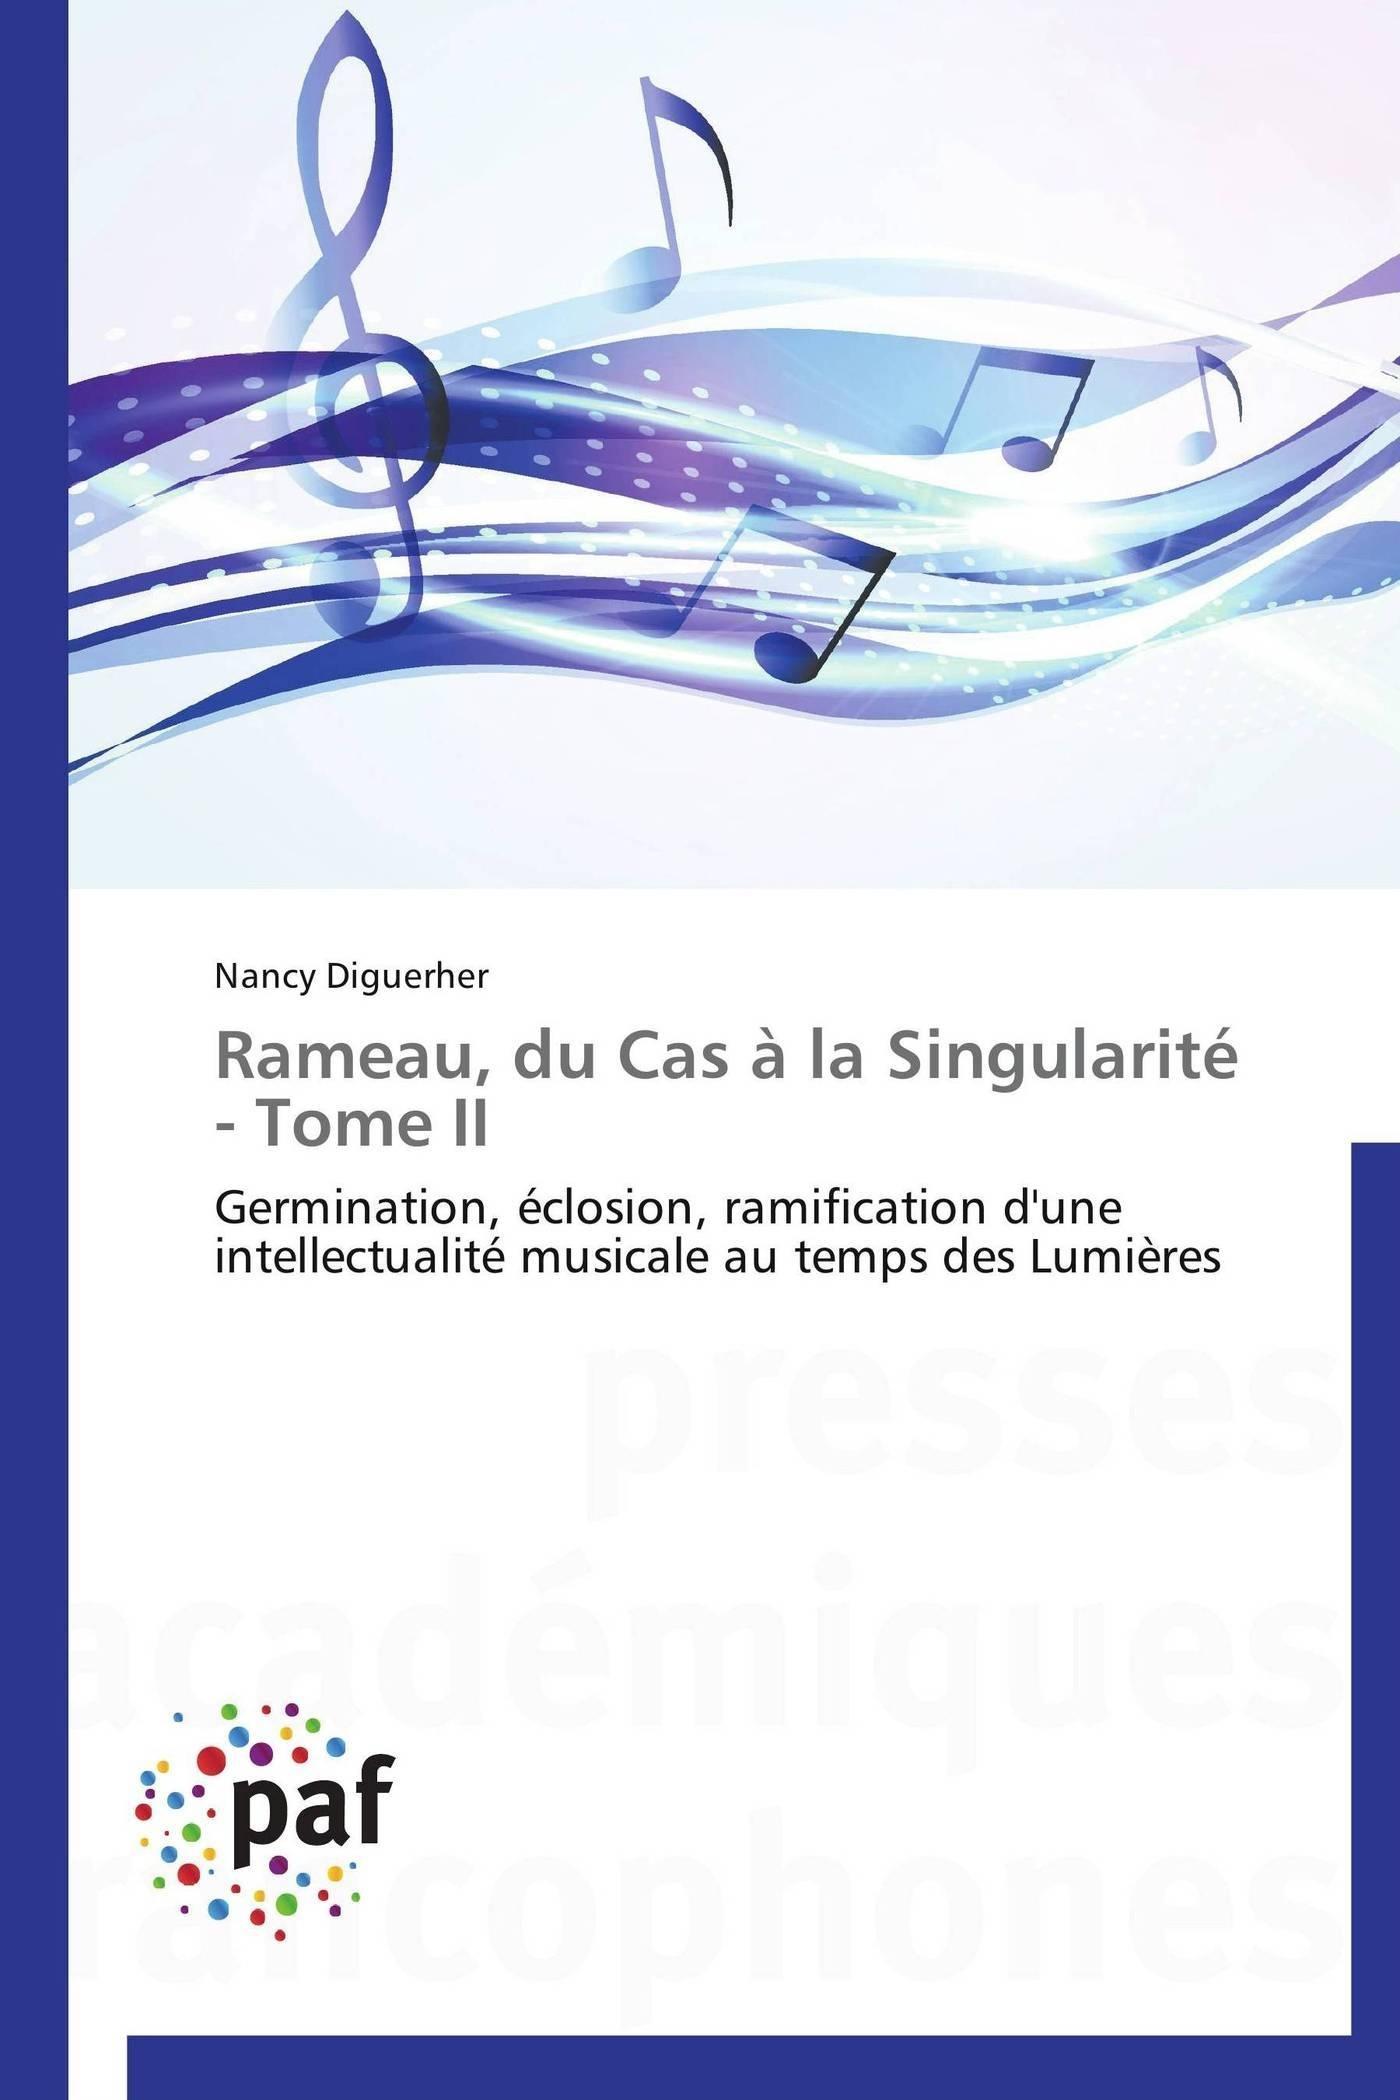 RAMEAU, DU CAS A LA SINGULARITE - TOME II